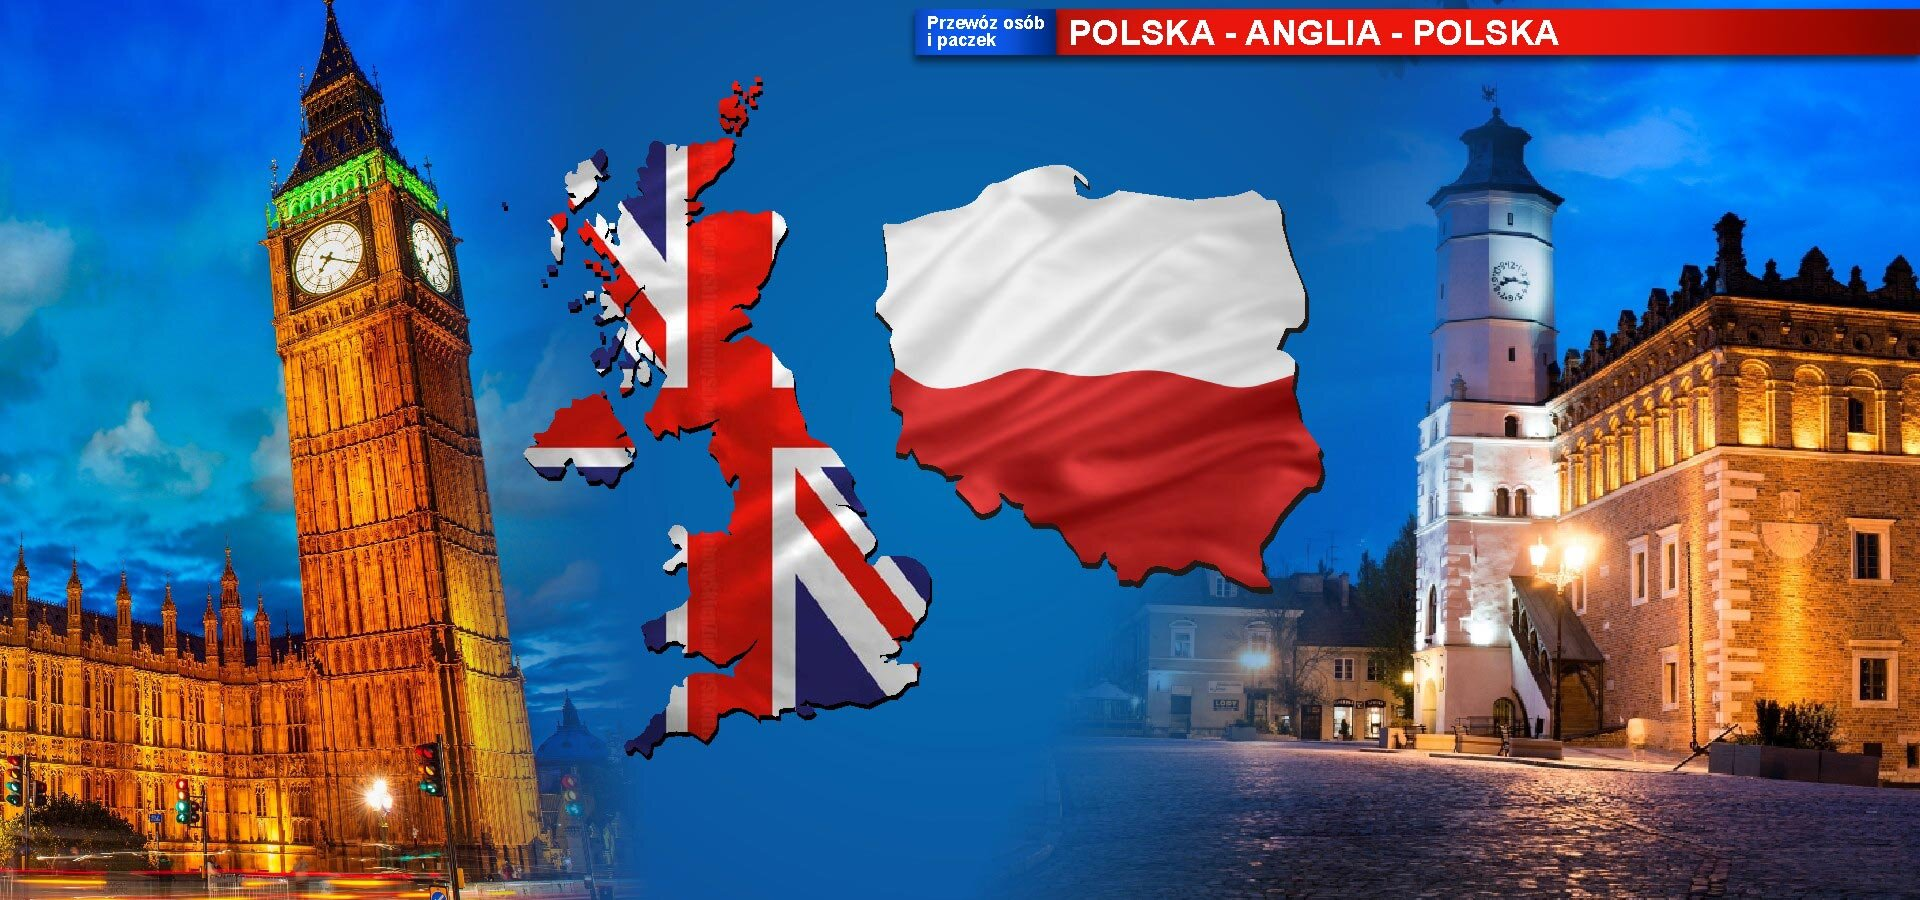 Sinbus POLSKA-ANGLIA-POLSKA